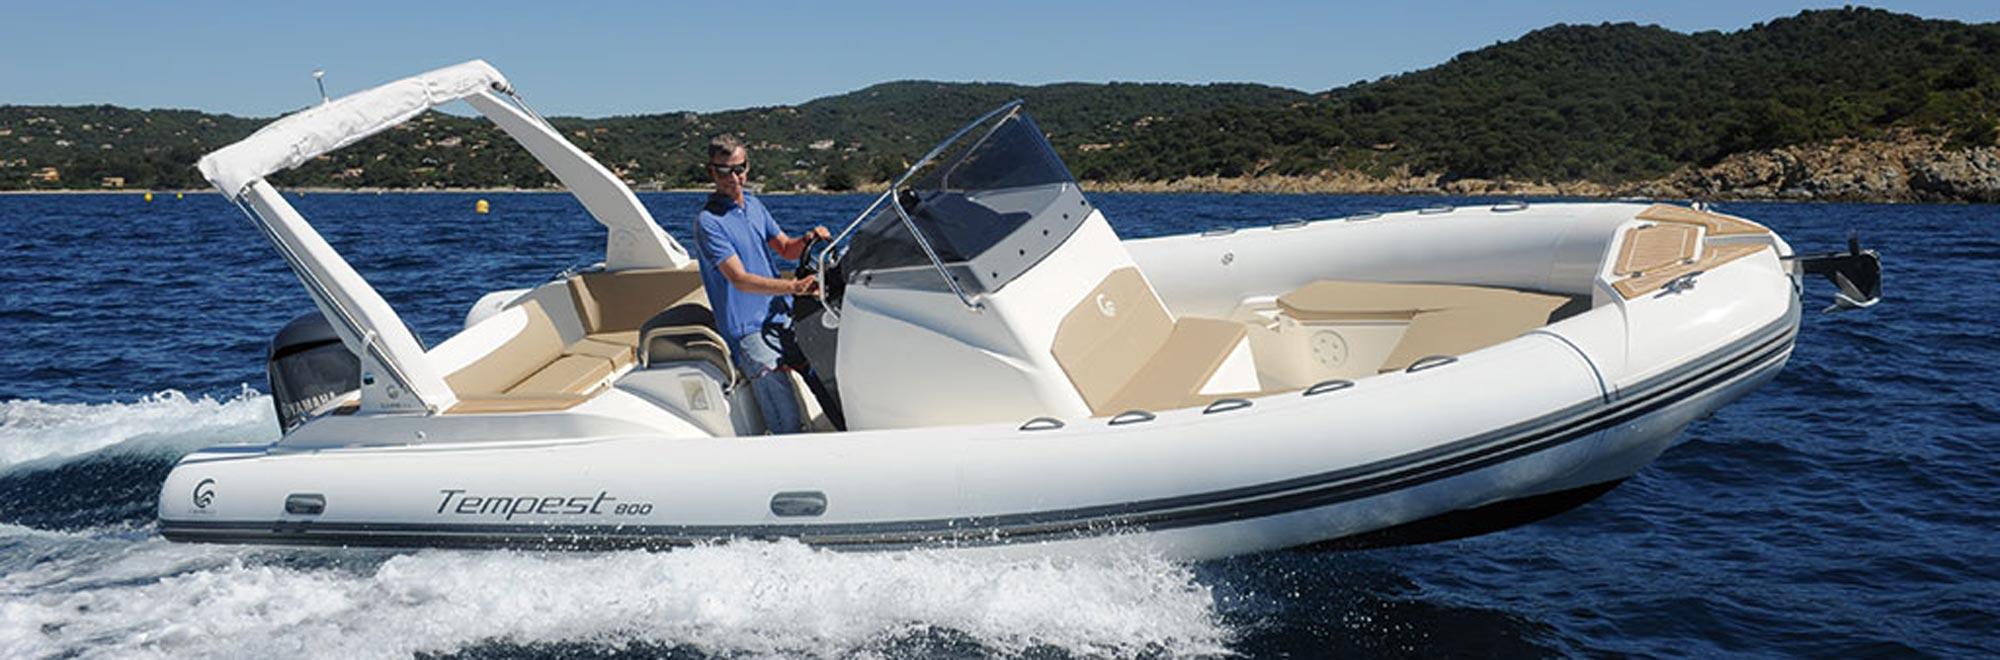 bateau capelli 800 zoom